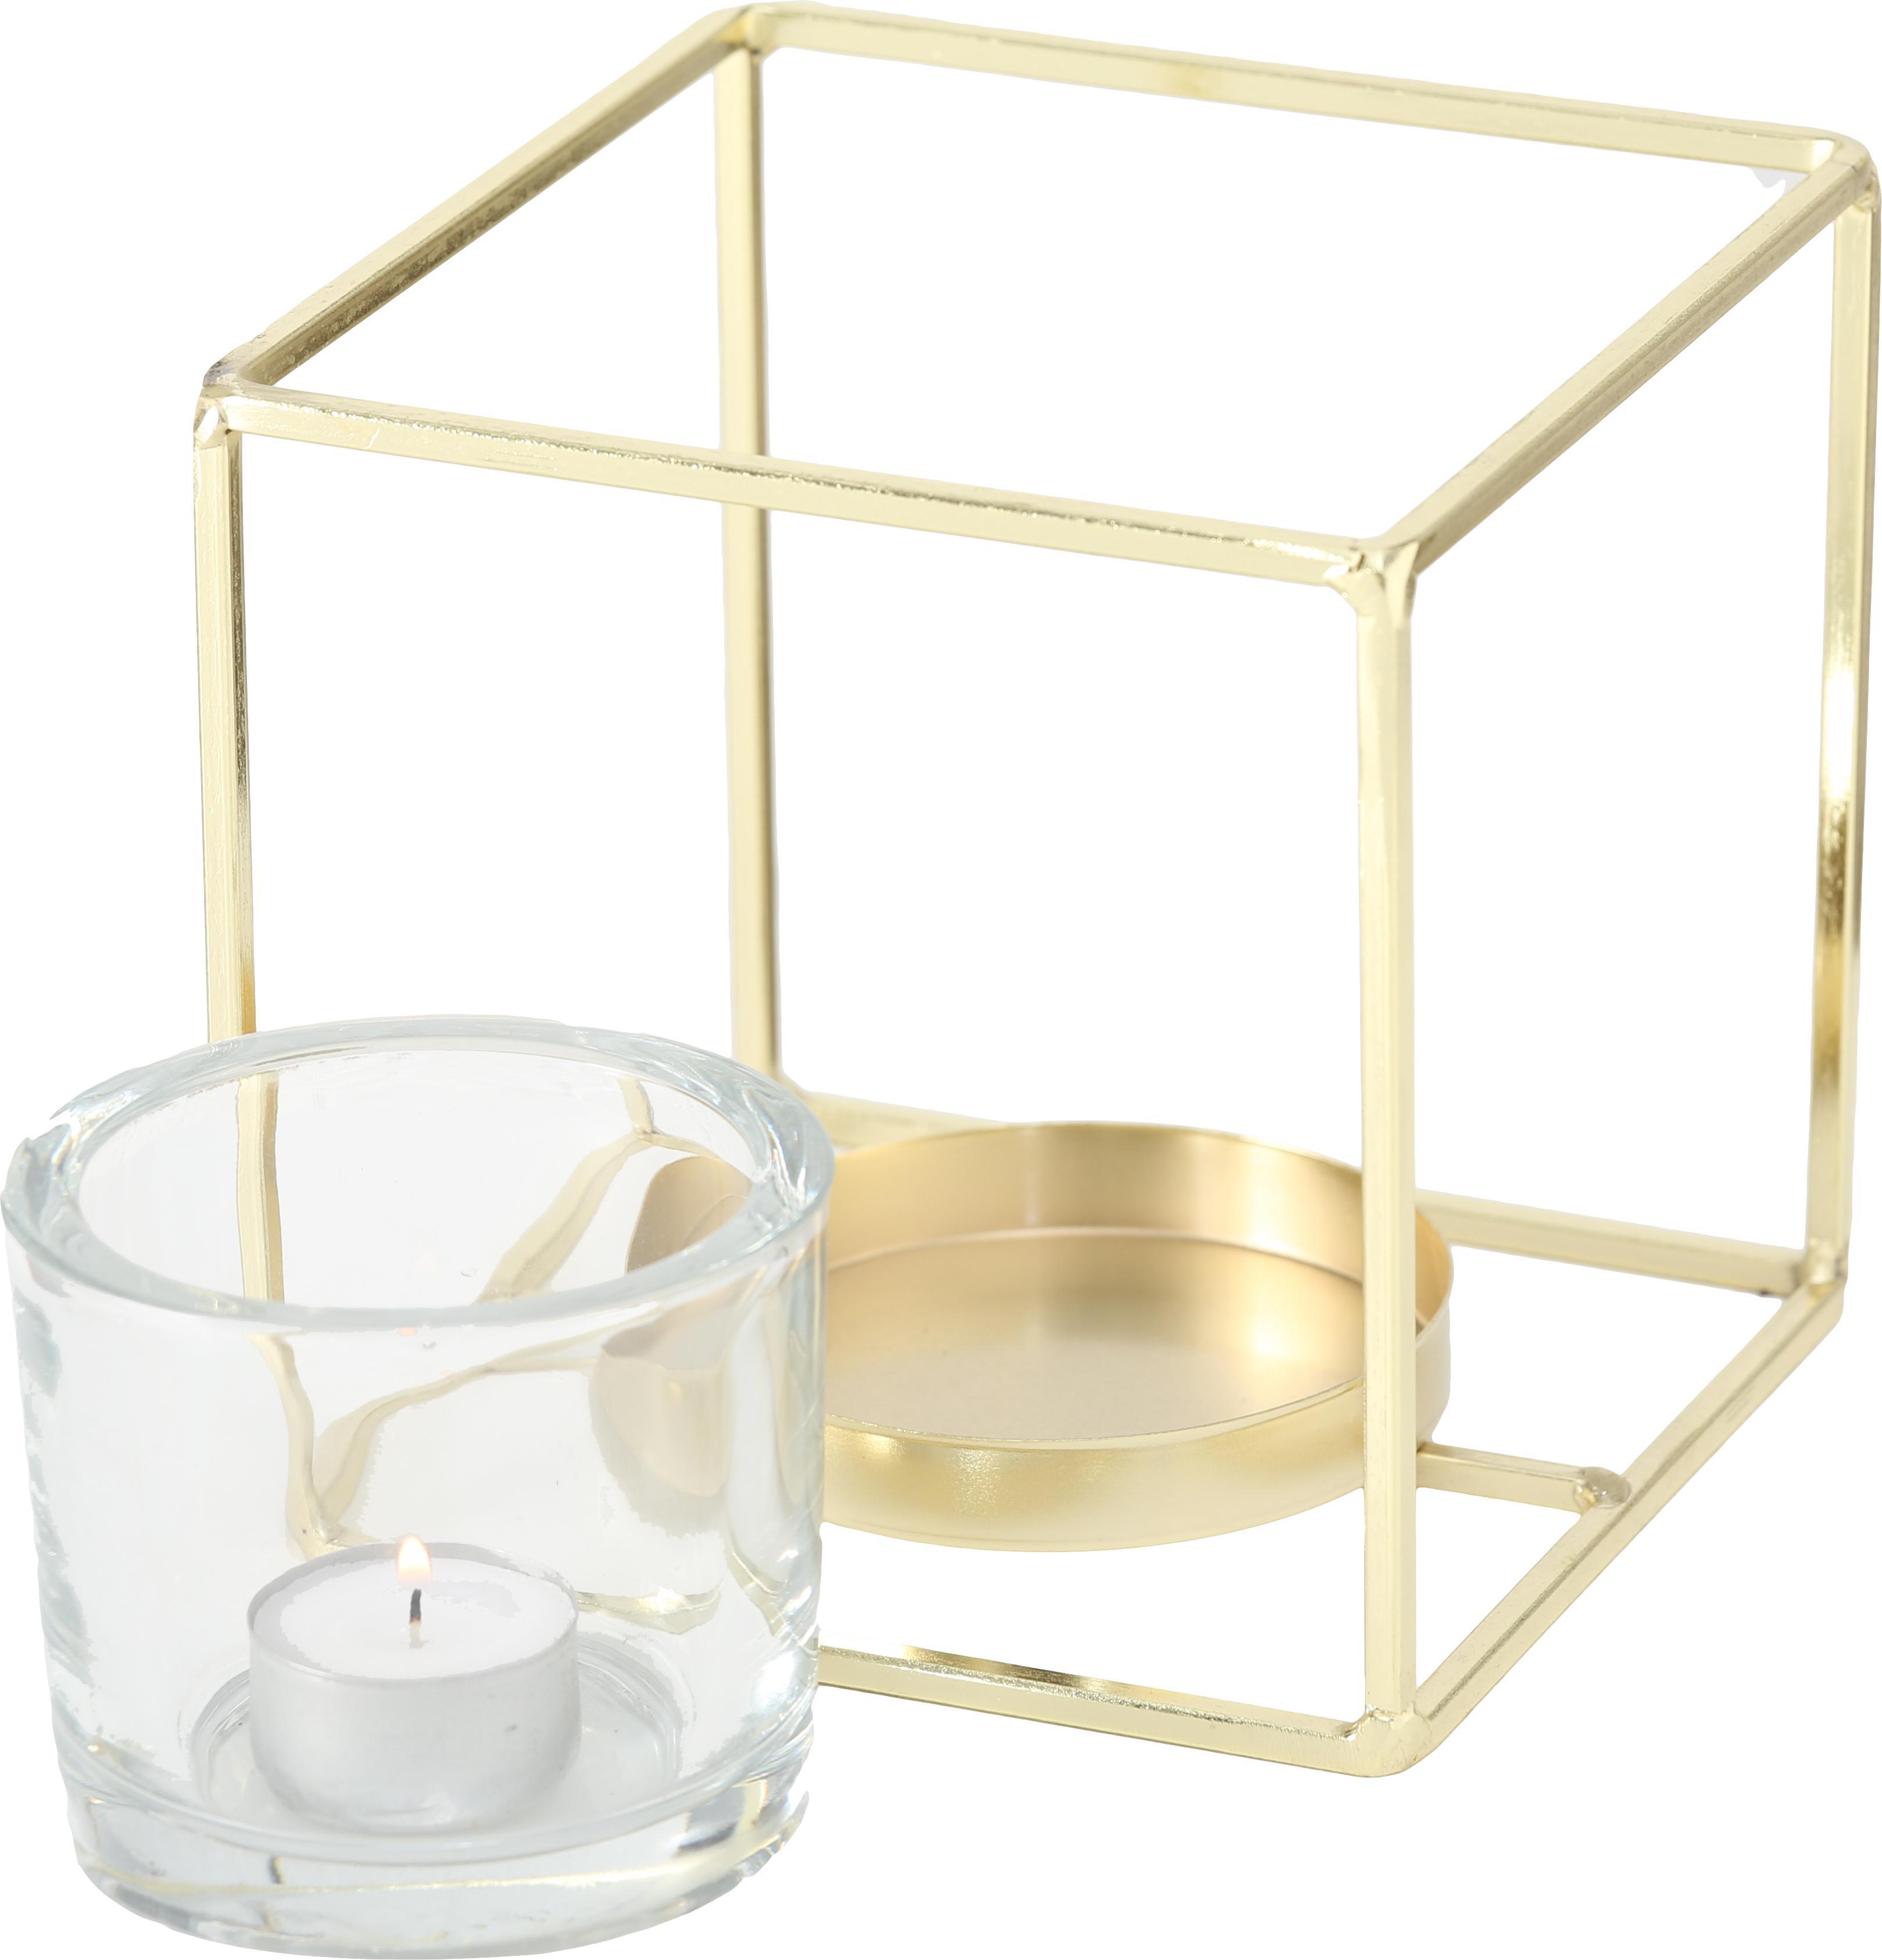 Teelichthalter-Set Pazo, 2-tlg., Windlicht: Glas, Gestell: Metall, beschichtet, Transparent, Messingfarben, Sondergrößen